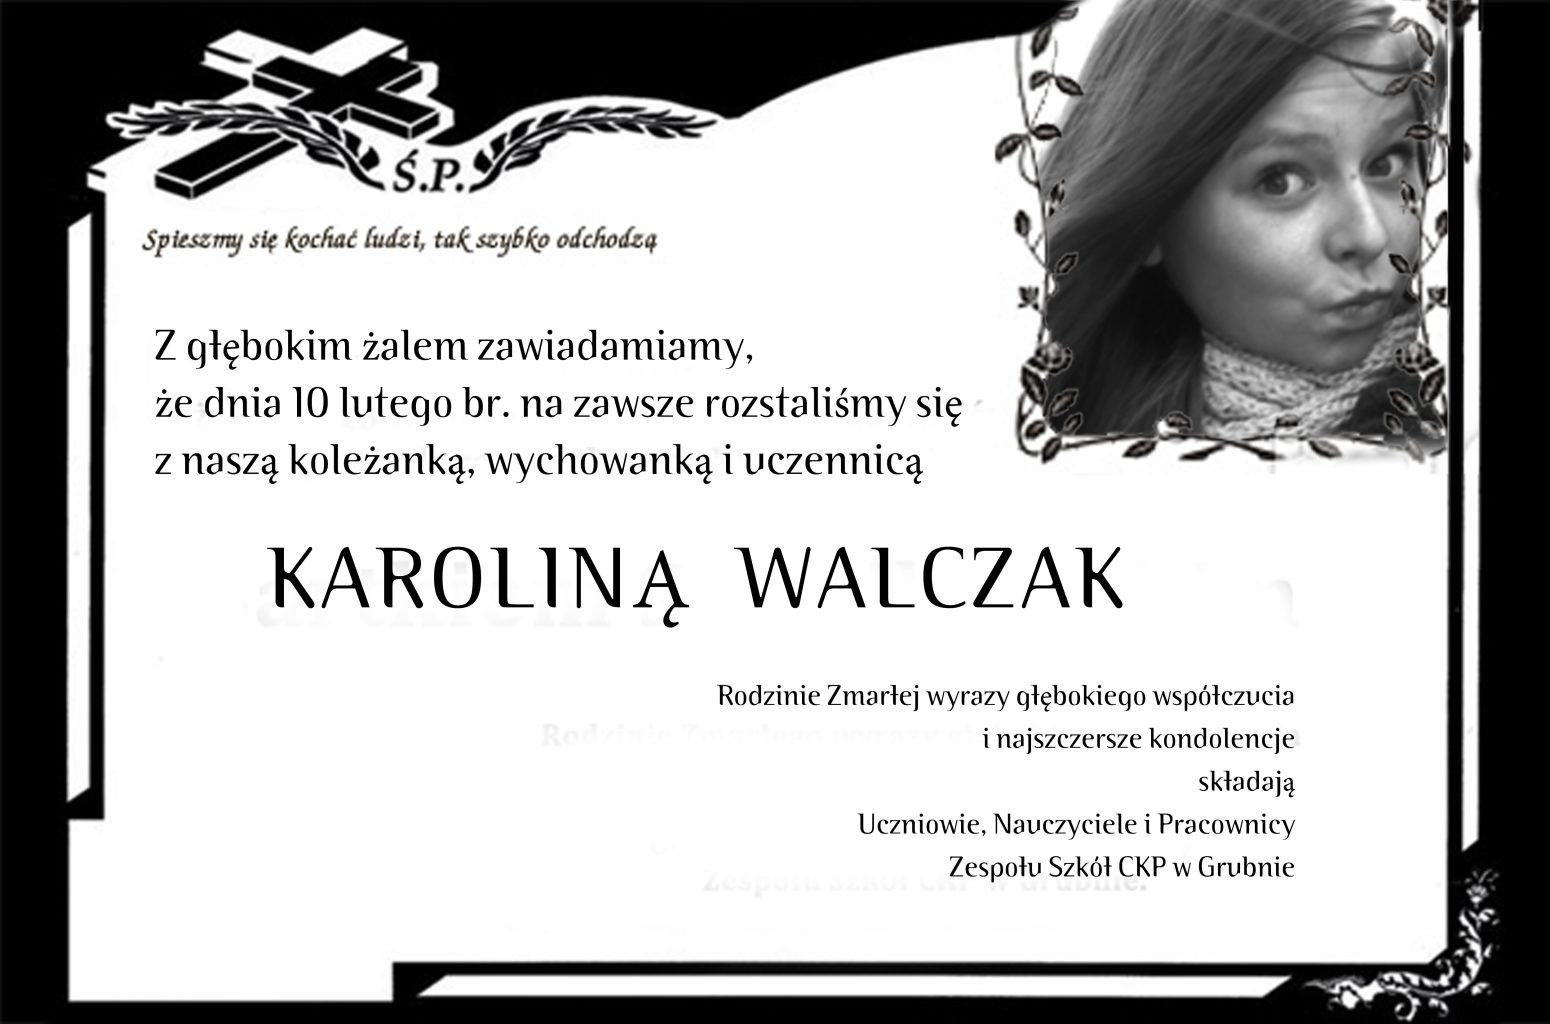 nekrolog_karolina